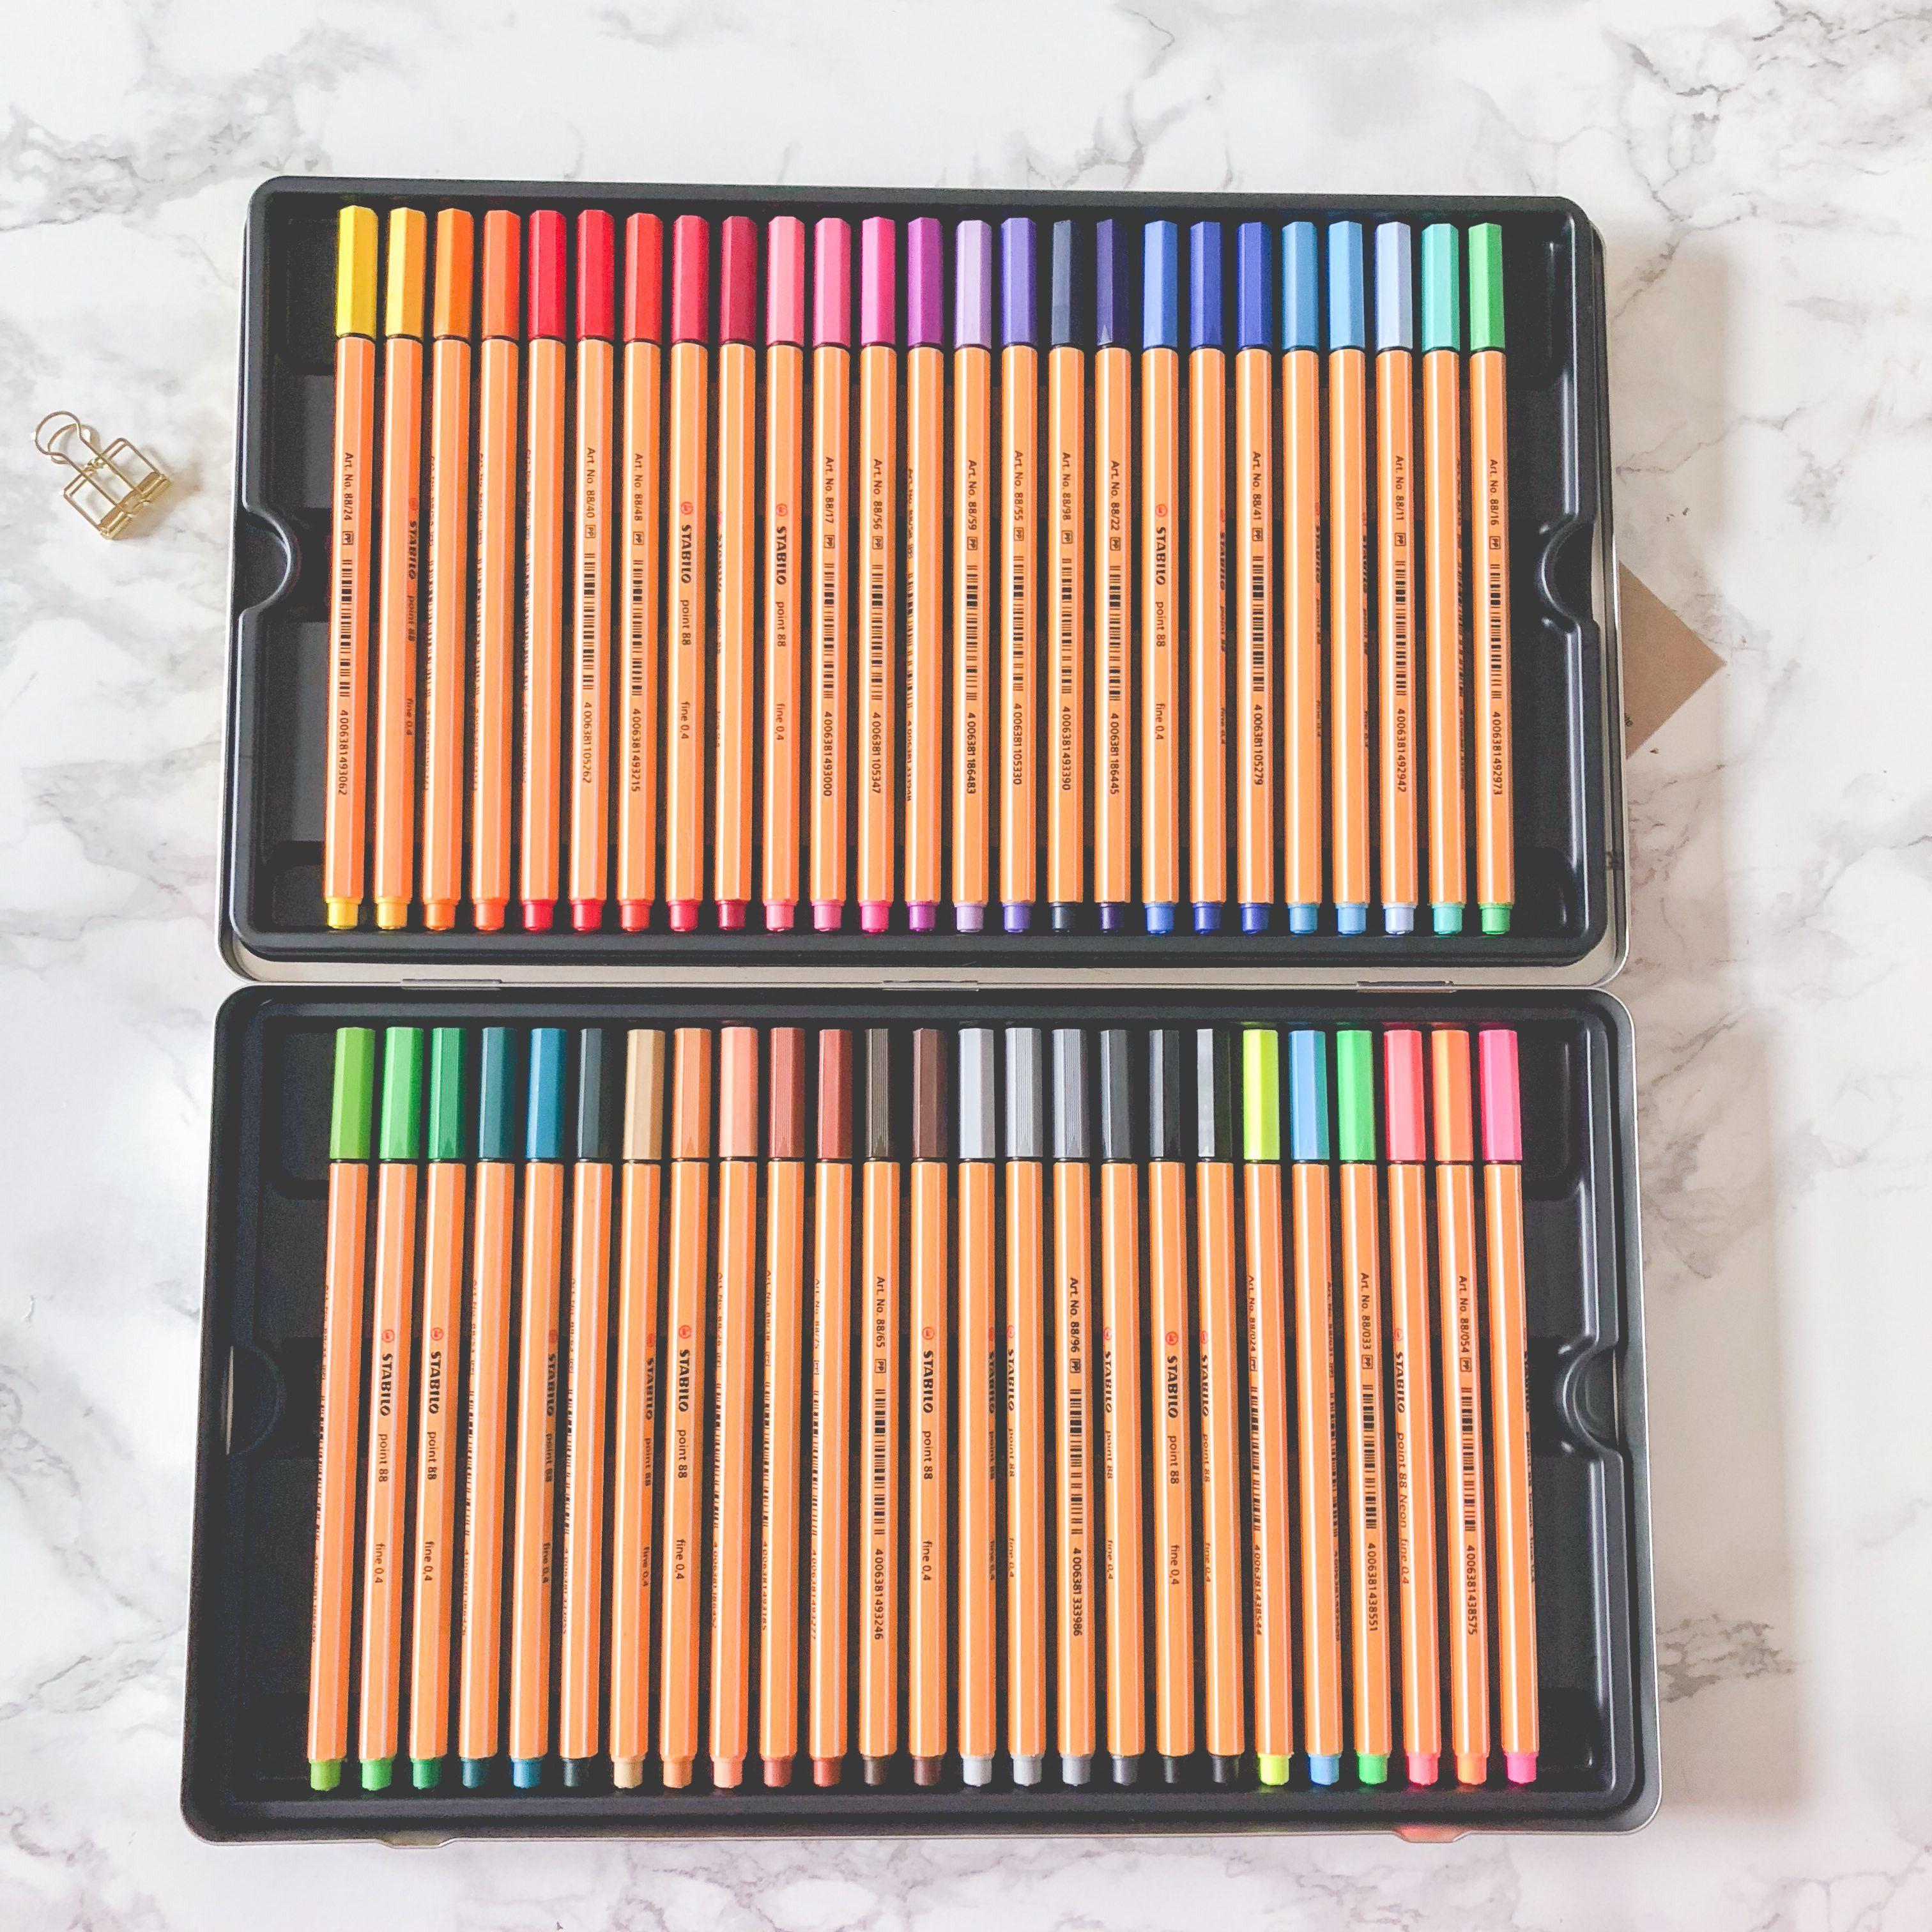 Coffret Métal de 50 stylos feutres STABILO point 88